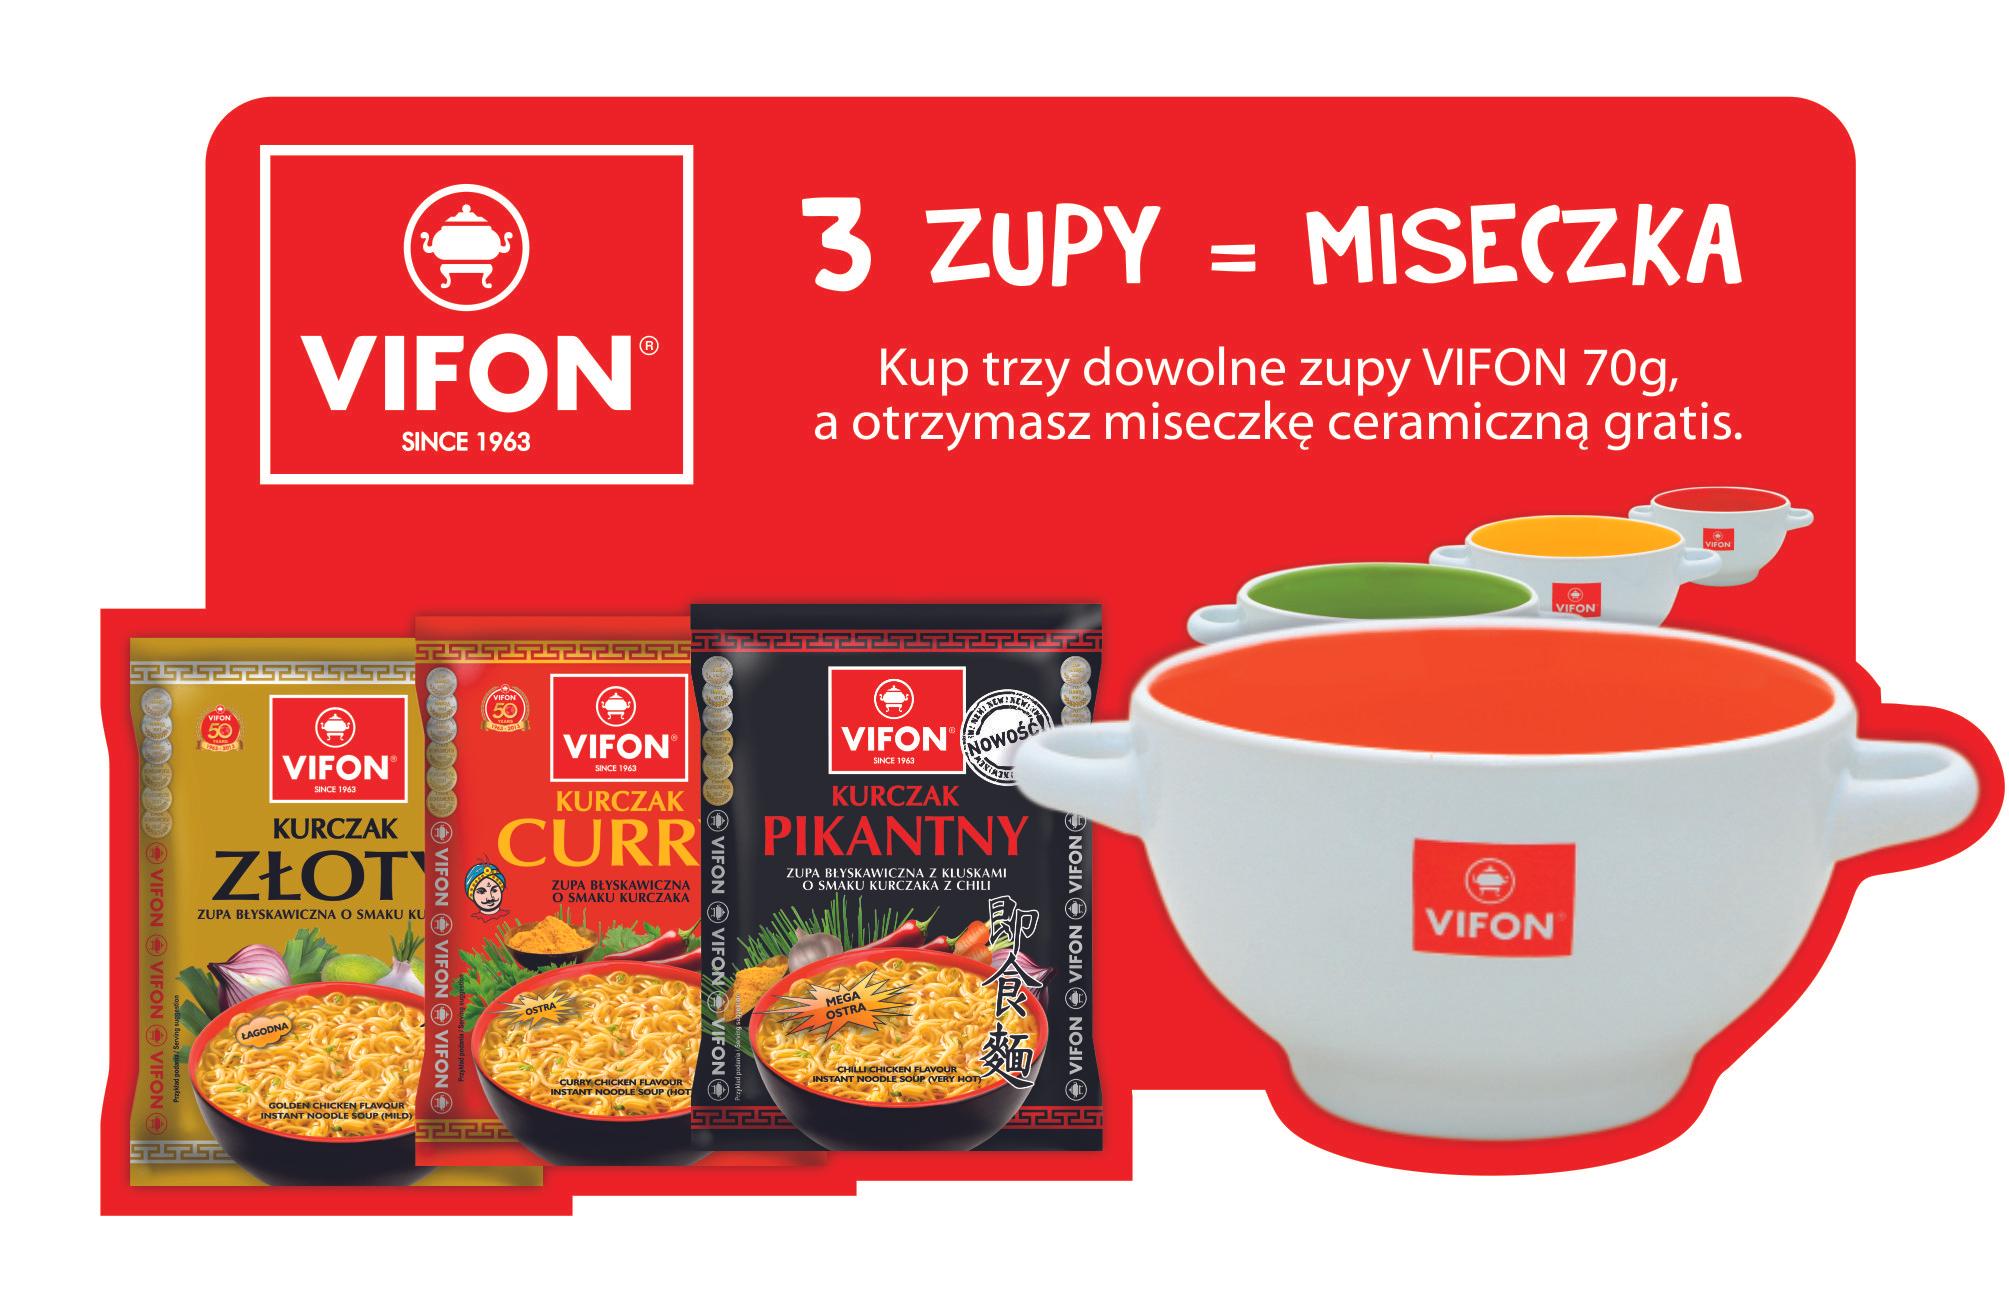 Coś dla studentów:) Kup 3 zupy VIFON i odbierz ceramiczną miseczkę.